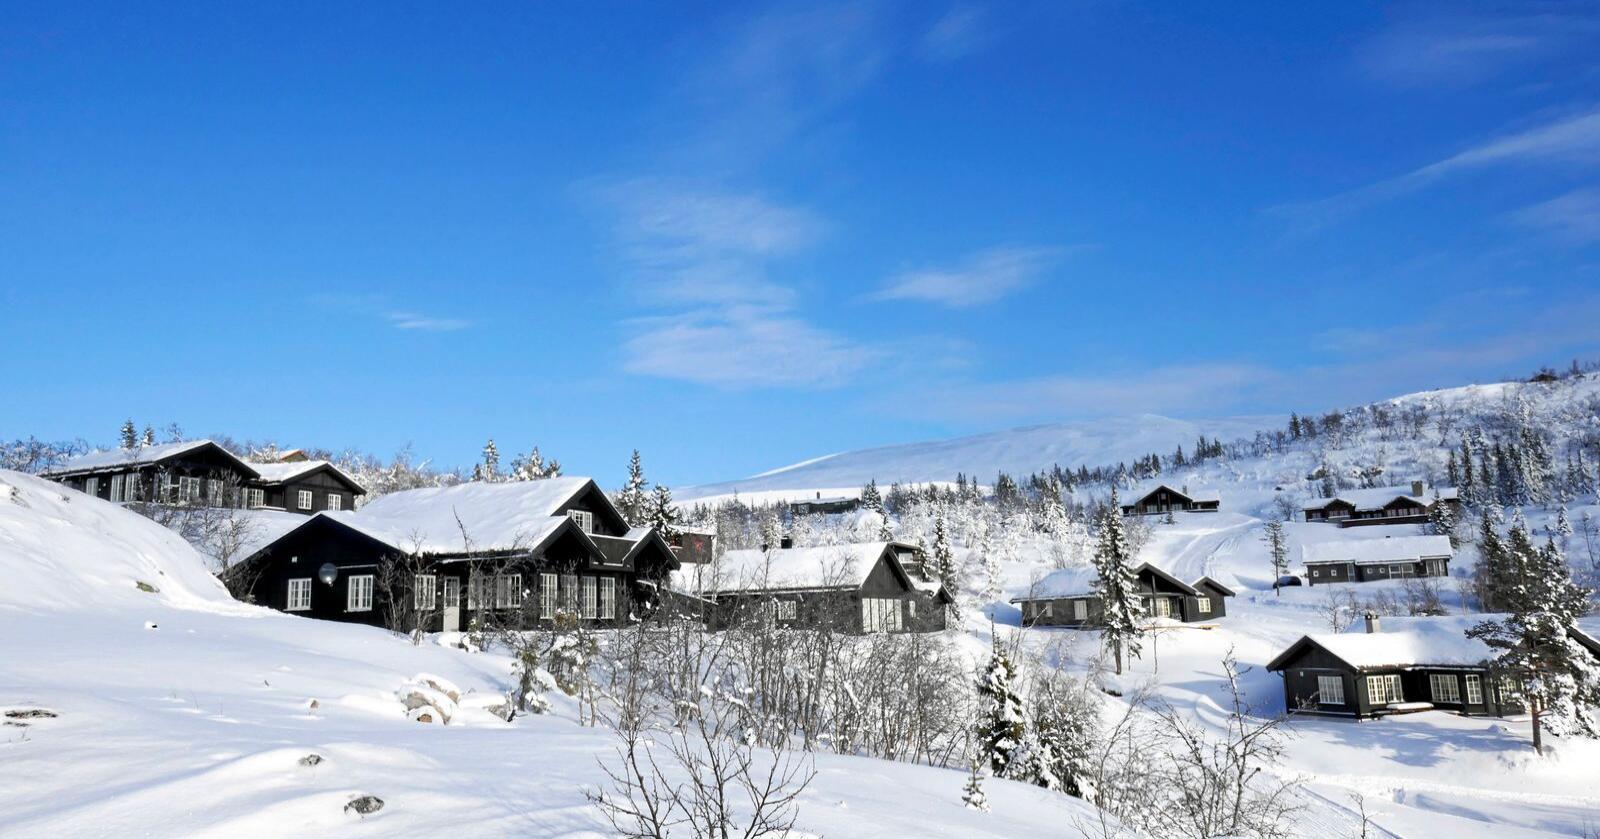 Ei tolegrense for hytter?: Her frå Norefjell i Buskerud. Foto: Erik Johansen / NTB scanpix